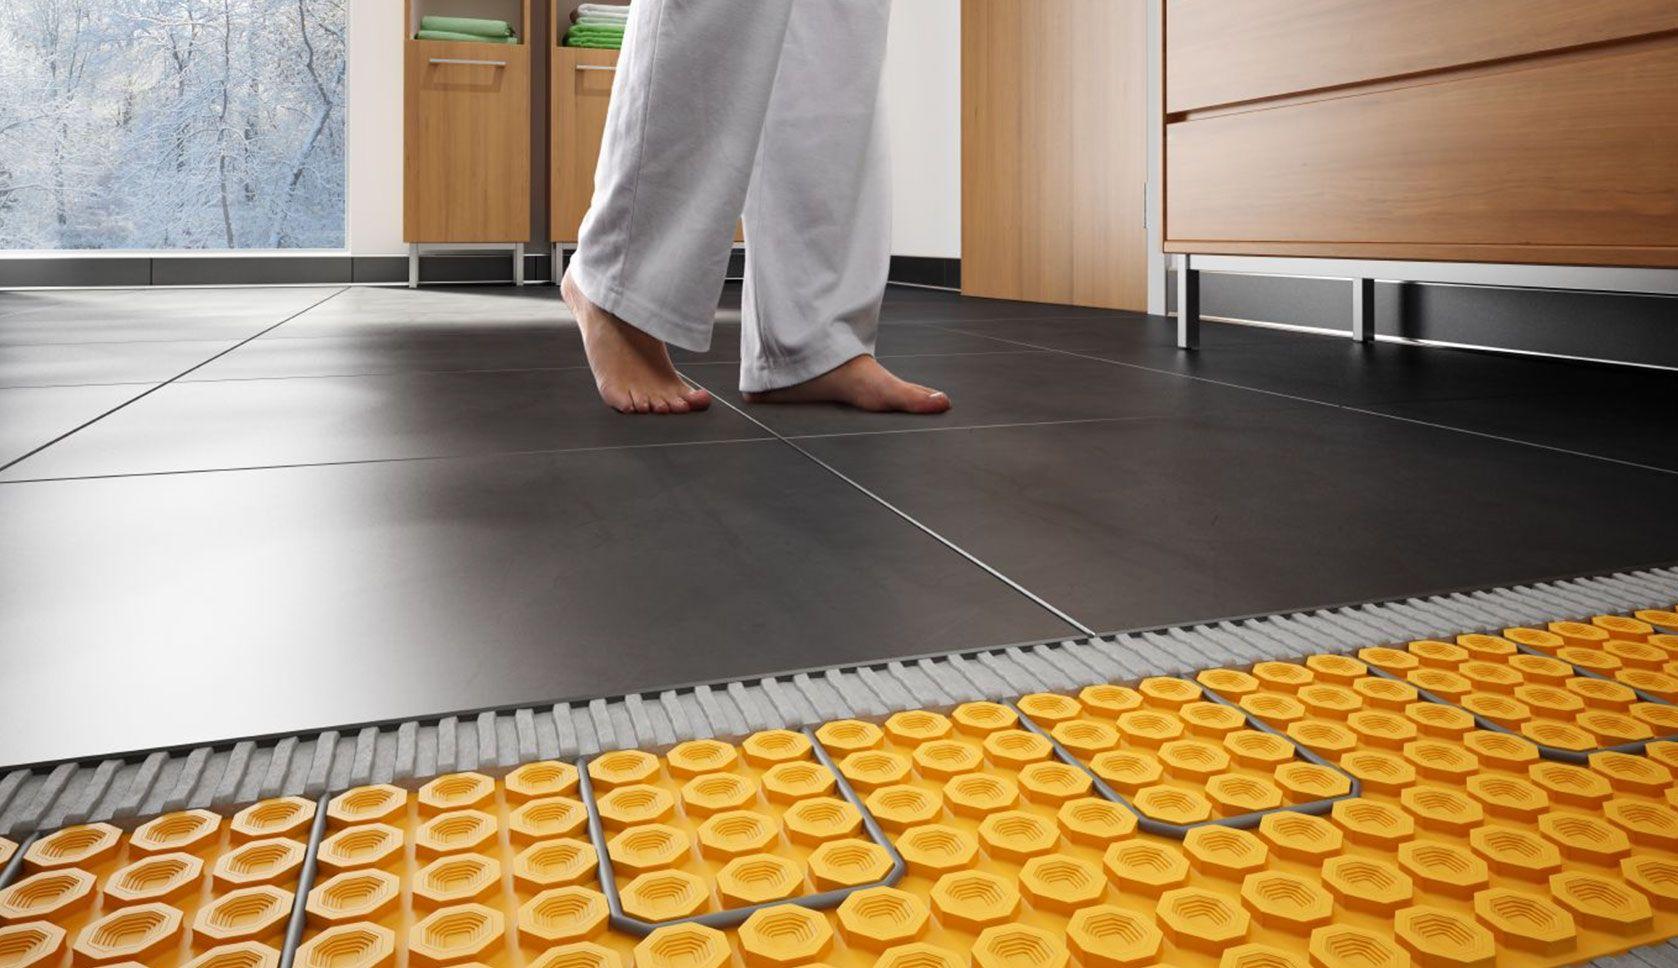 Schluter Ditra Heat Luxury For Your Feet Rue Construcao De Casas Decoracao De Parede Piso